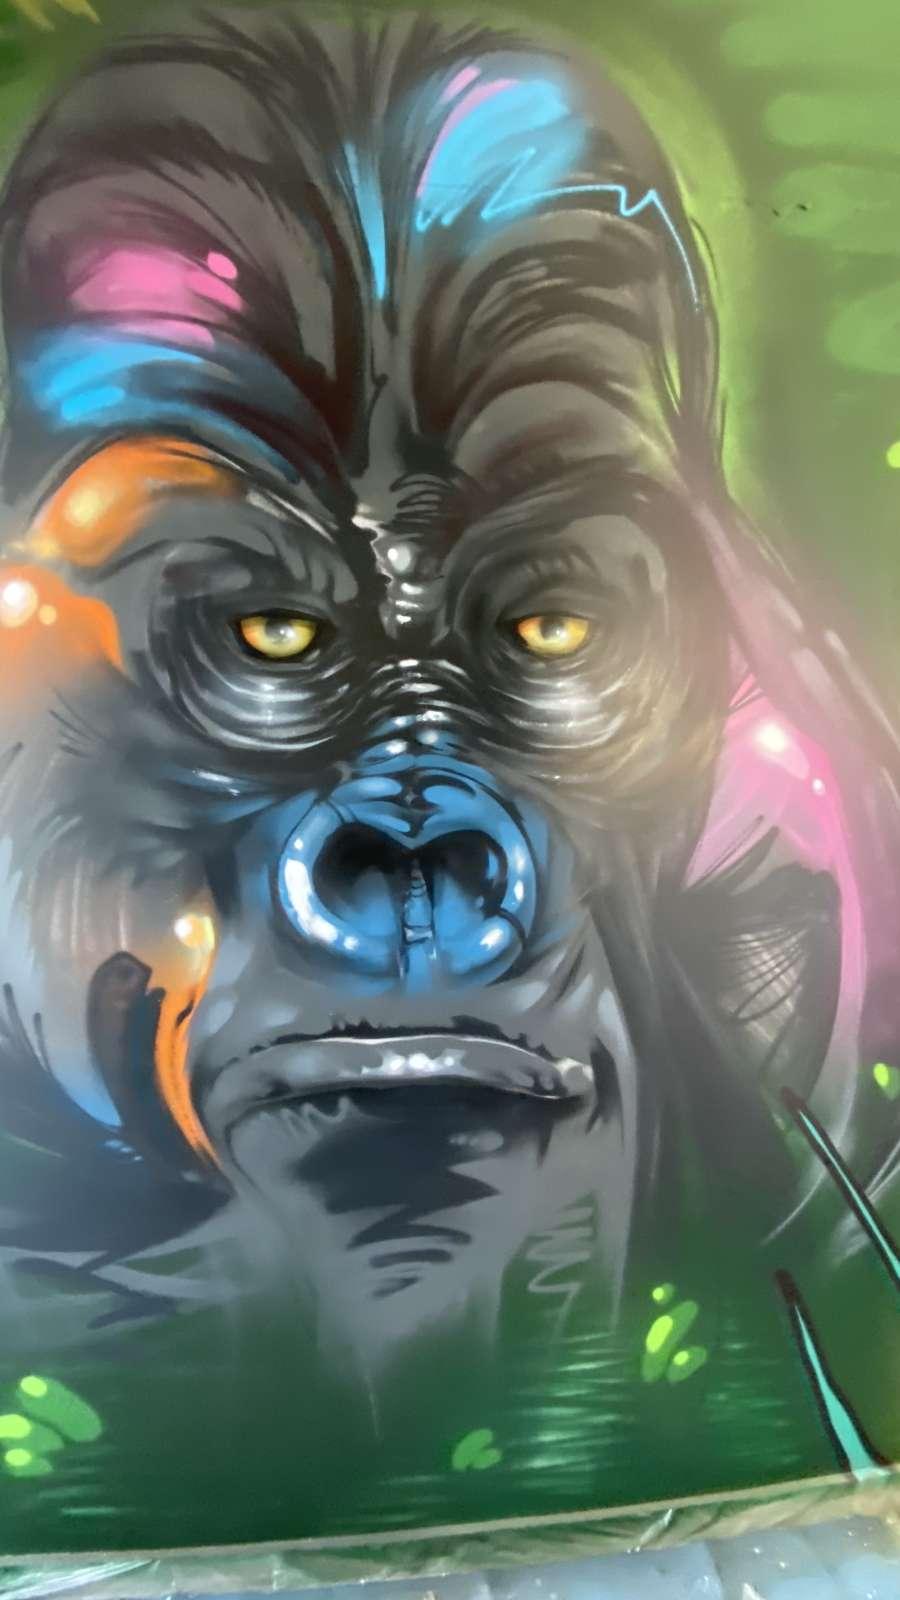 Amazon_Völklingen_2021_Gorilla_Pflanzen_Tier_innen_grün_grau_bunt_graffiti_Logistik_05_artmos4_graffitiauftrag_graffitikuenstler